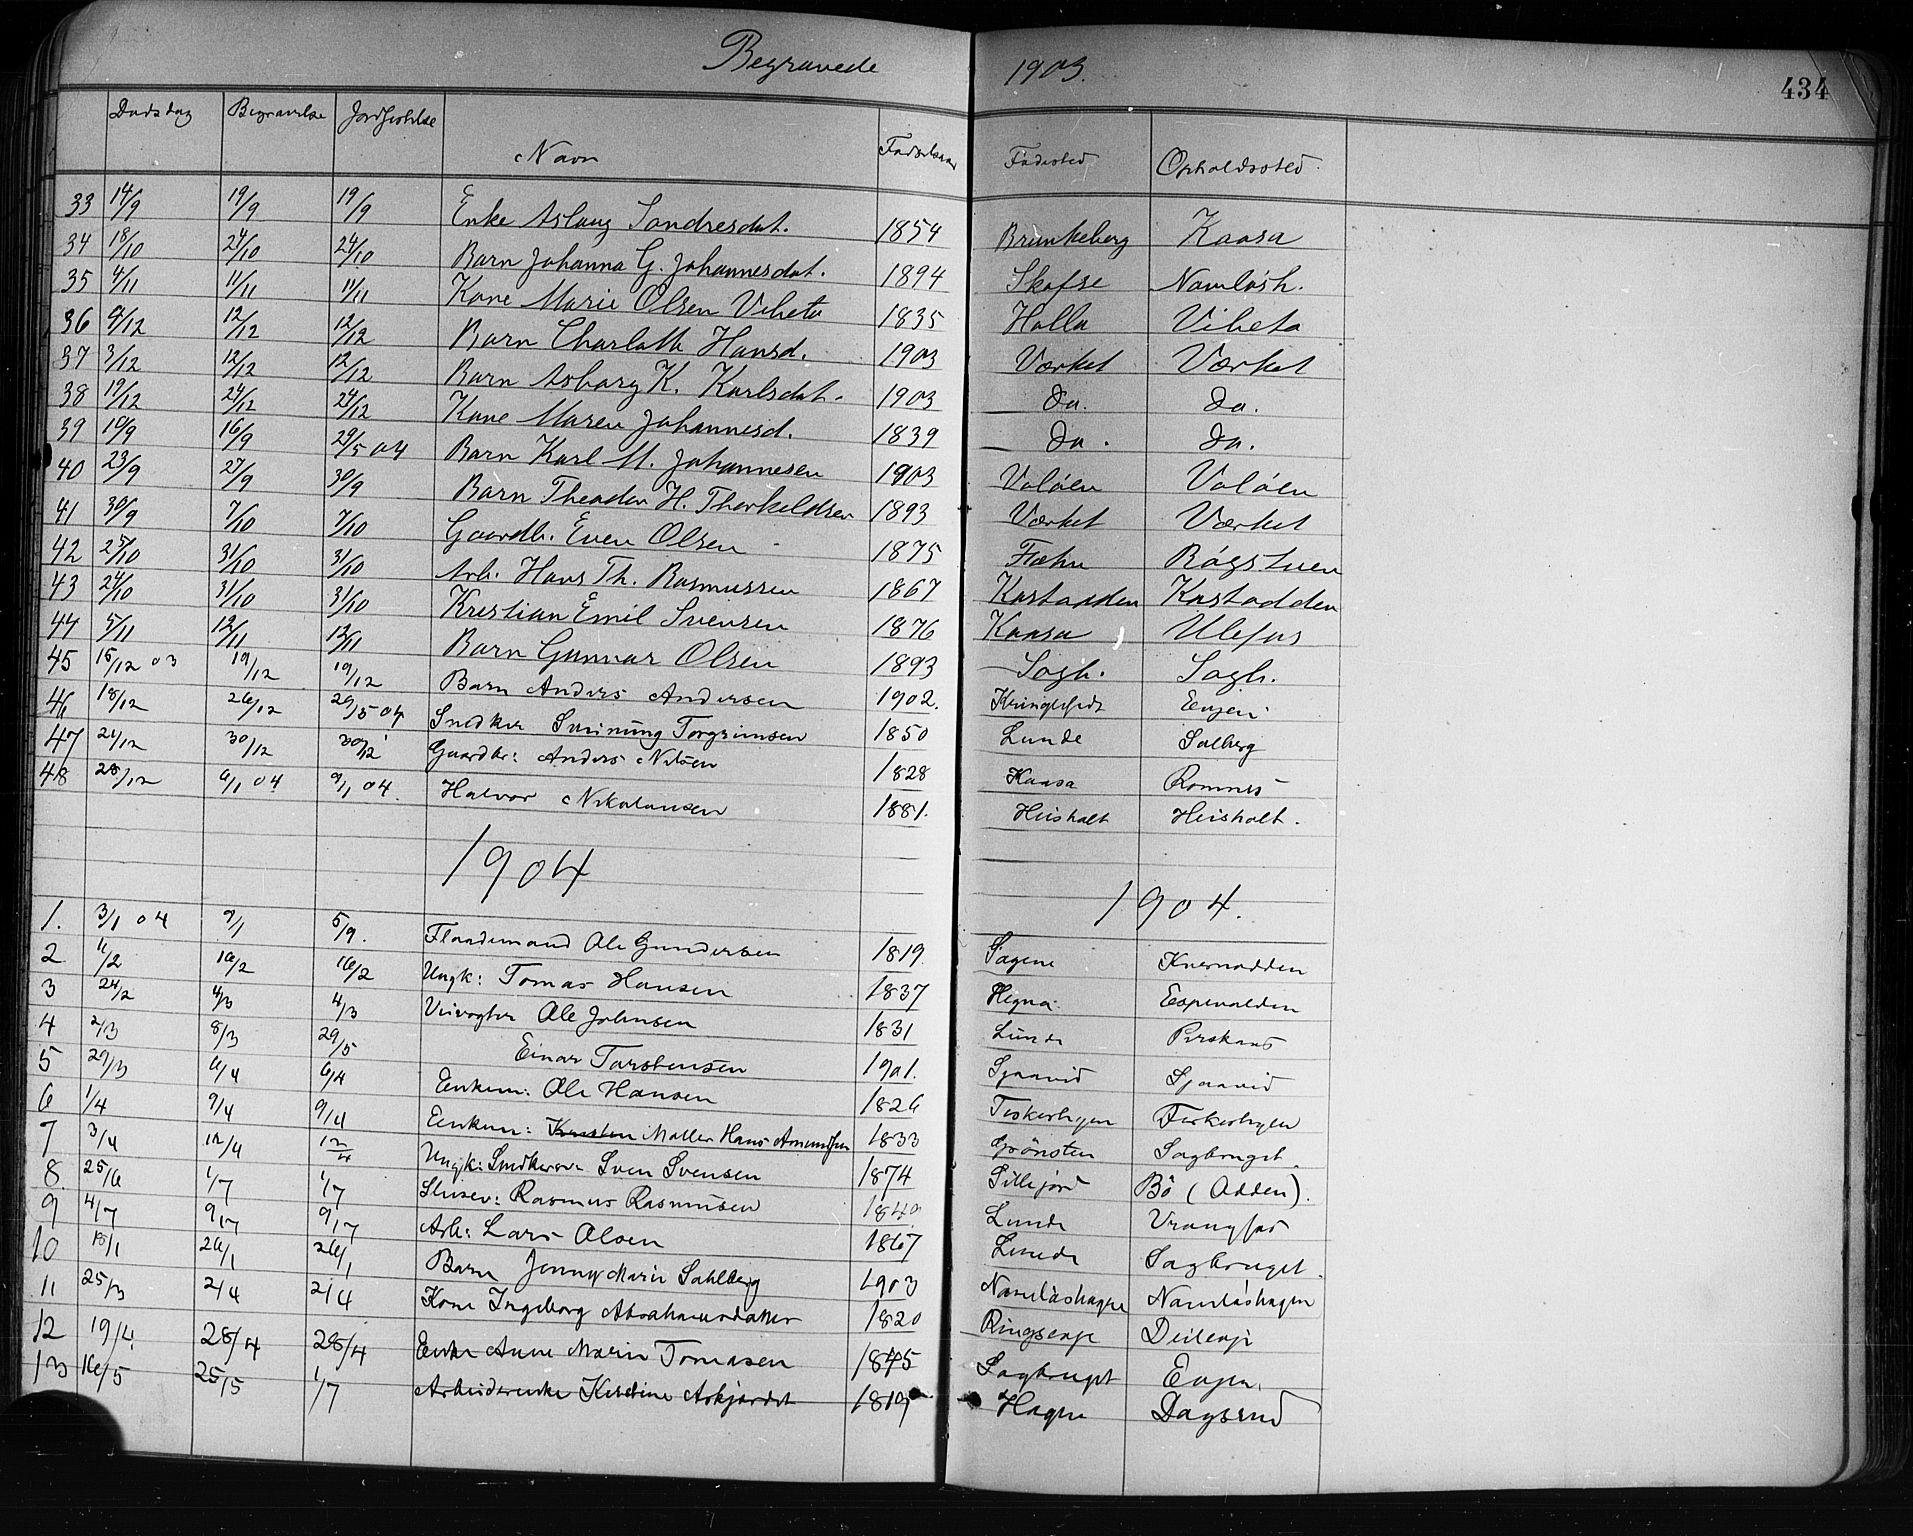 SAKO, Holla kirkebøker, G/Ga/L0005: Klokkerbok nr. I 5, 1891-1917, s. 434